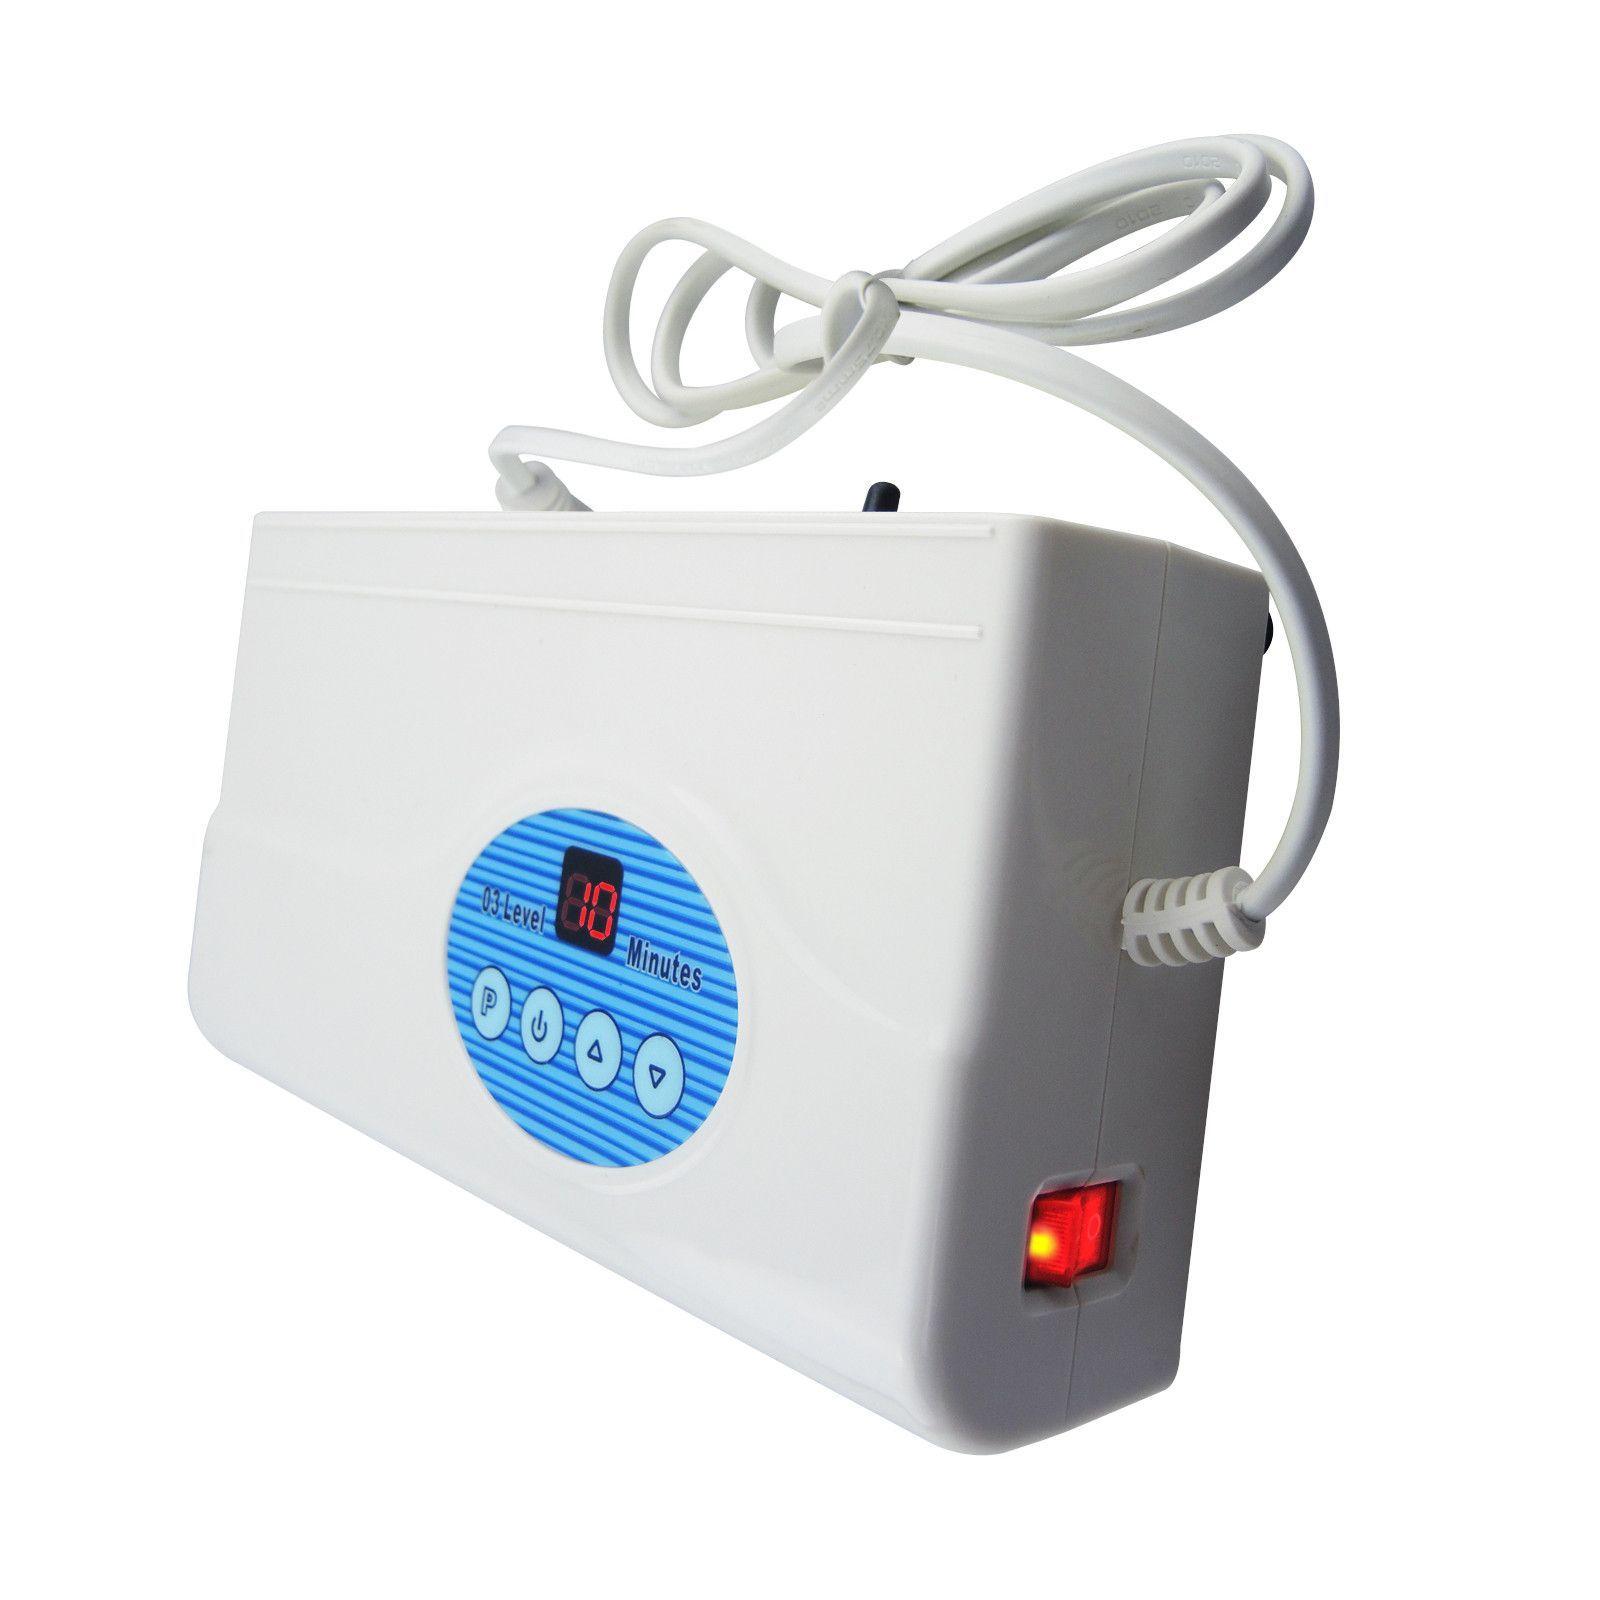 OZ-004 Digital Ozone Generator Air Quality Purifier O3 Clean Sterilization Air Dryer 200mG/H